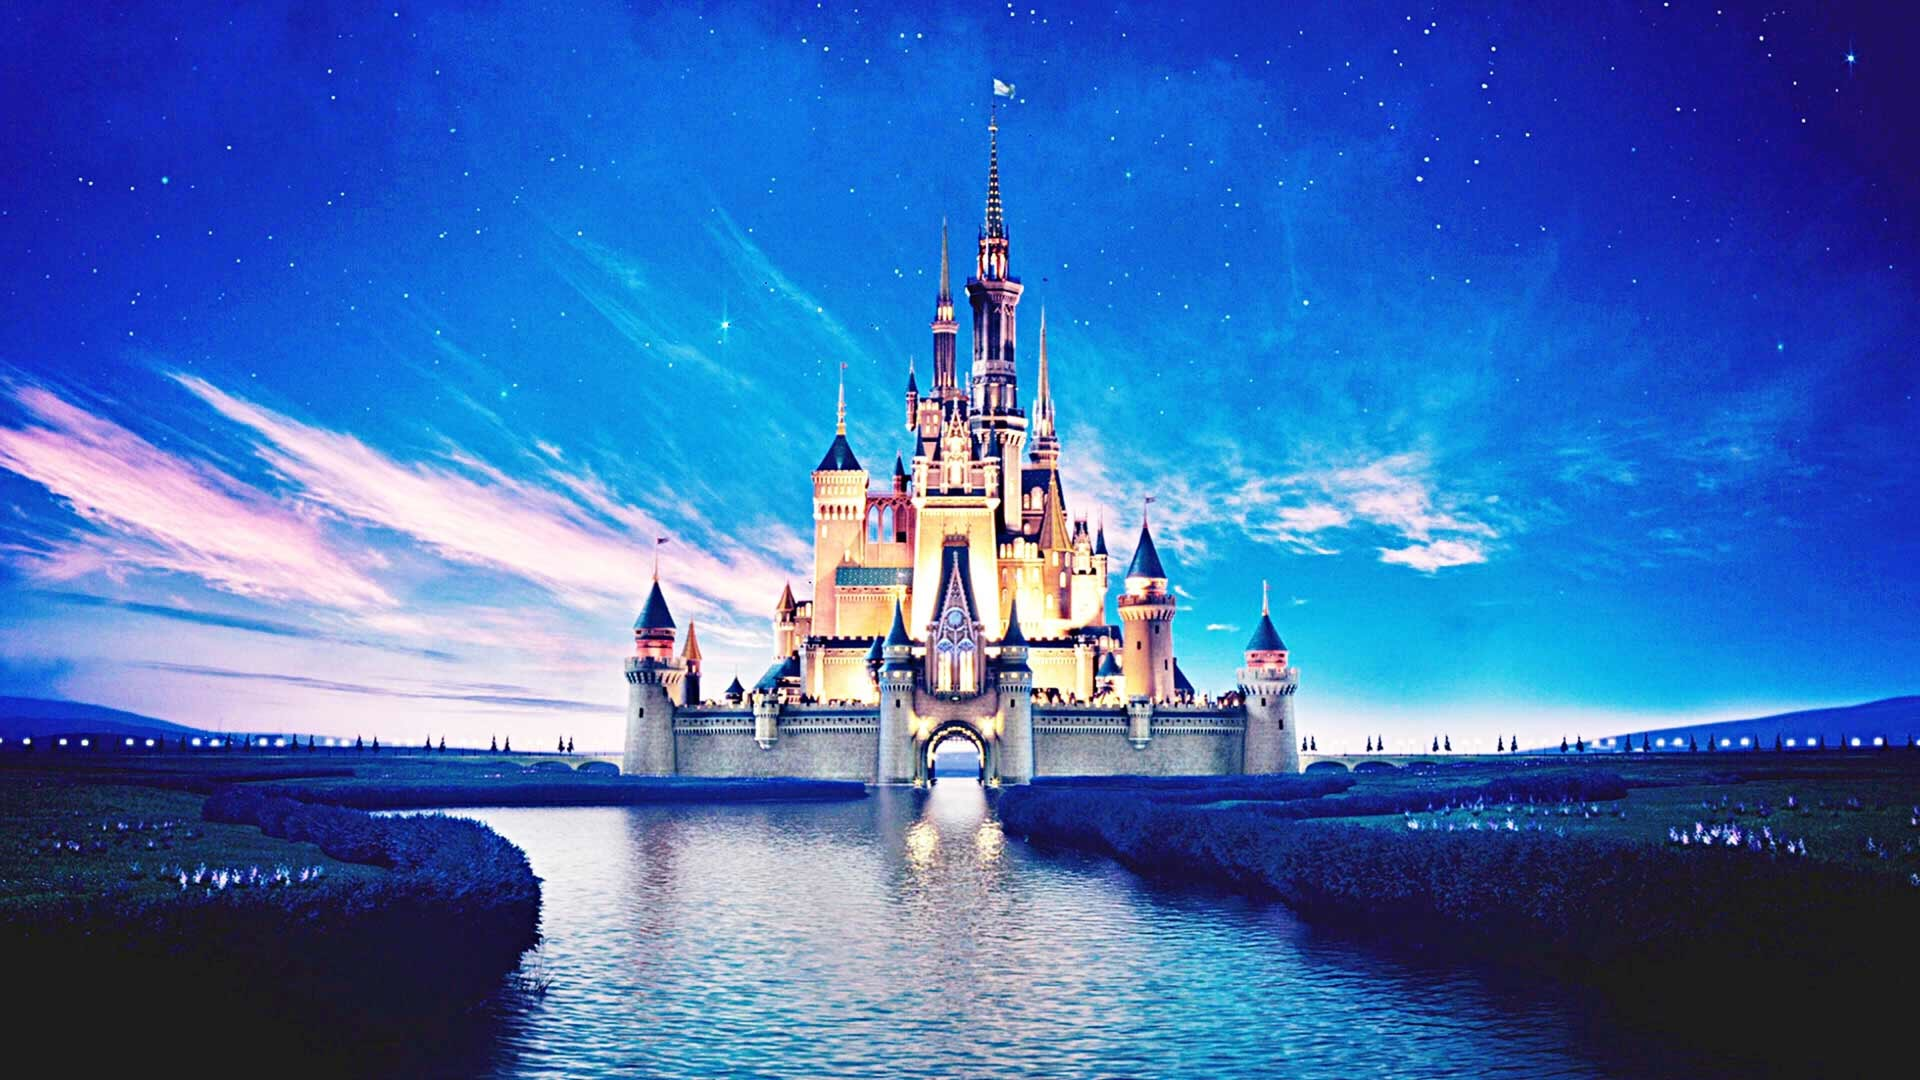 Disney FROZEN Wallpapers HD: Free HD FROZEN Movie Wallpapers .